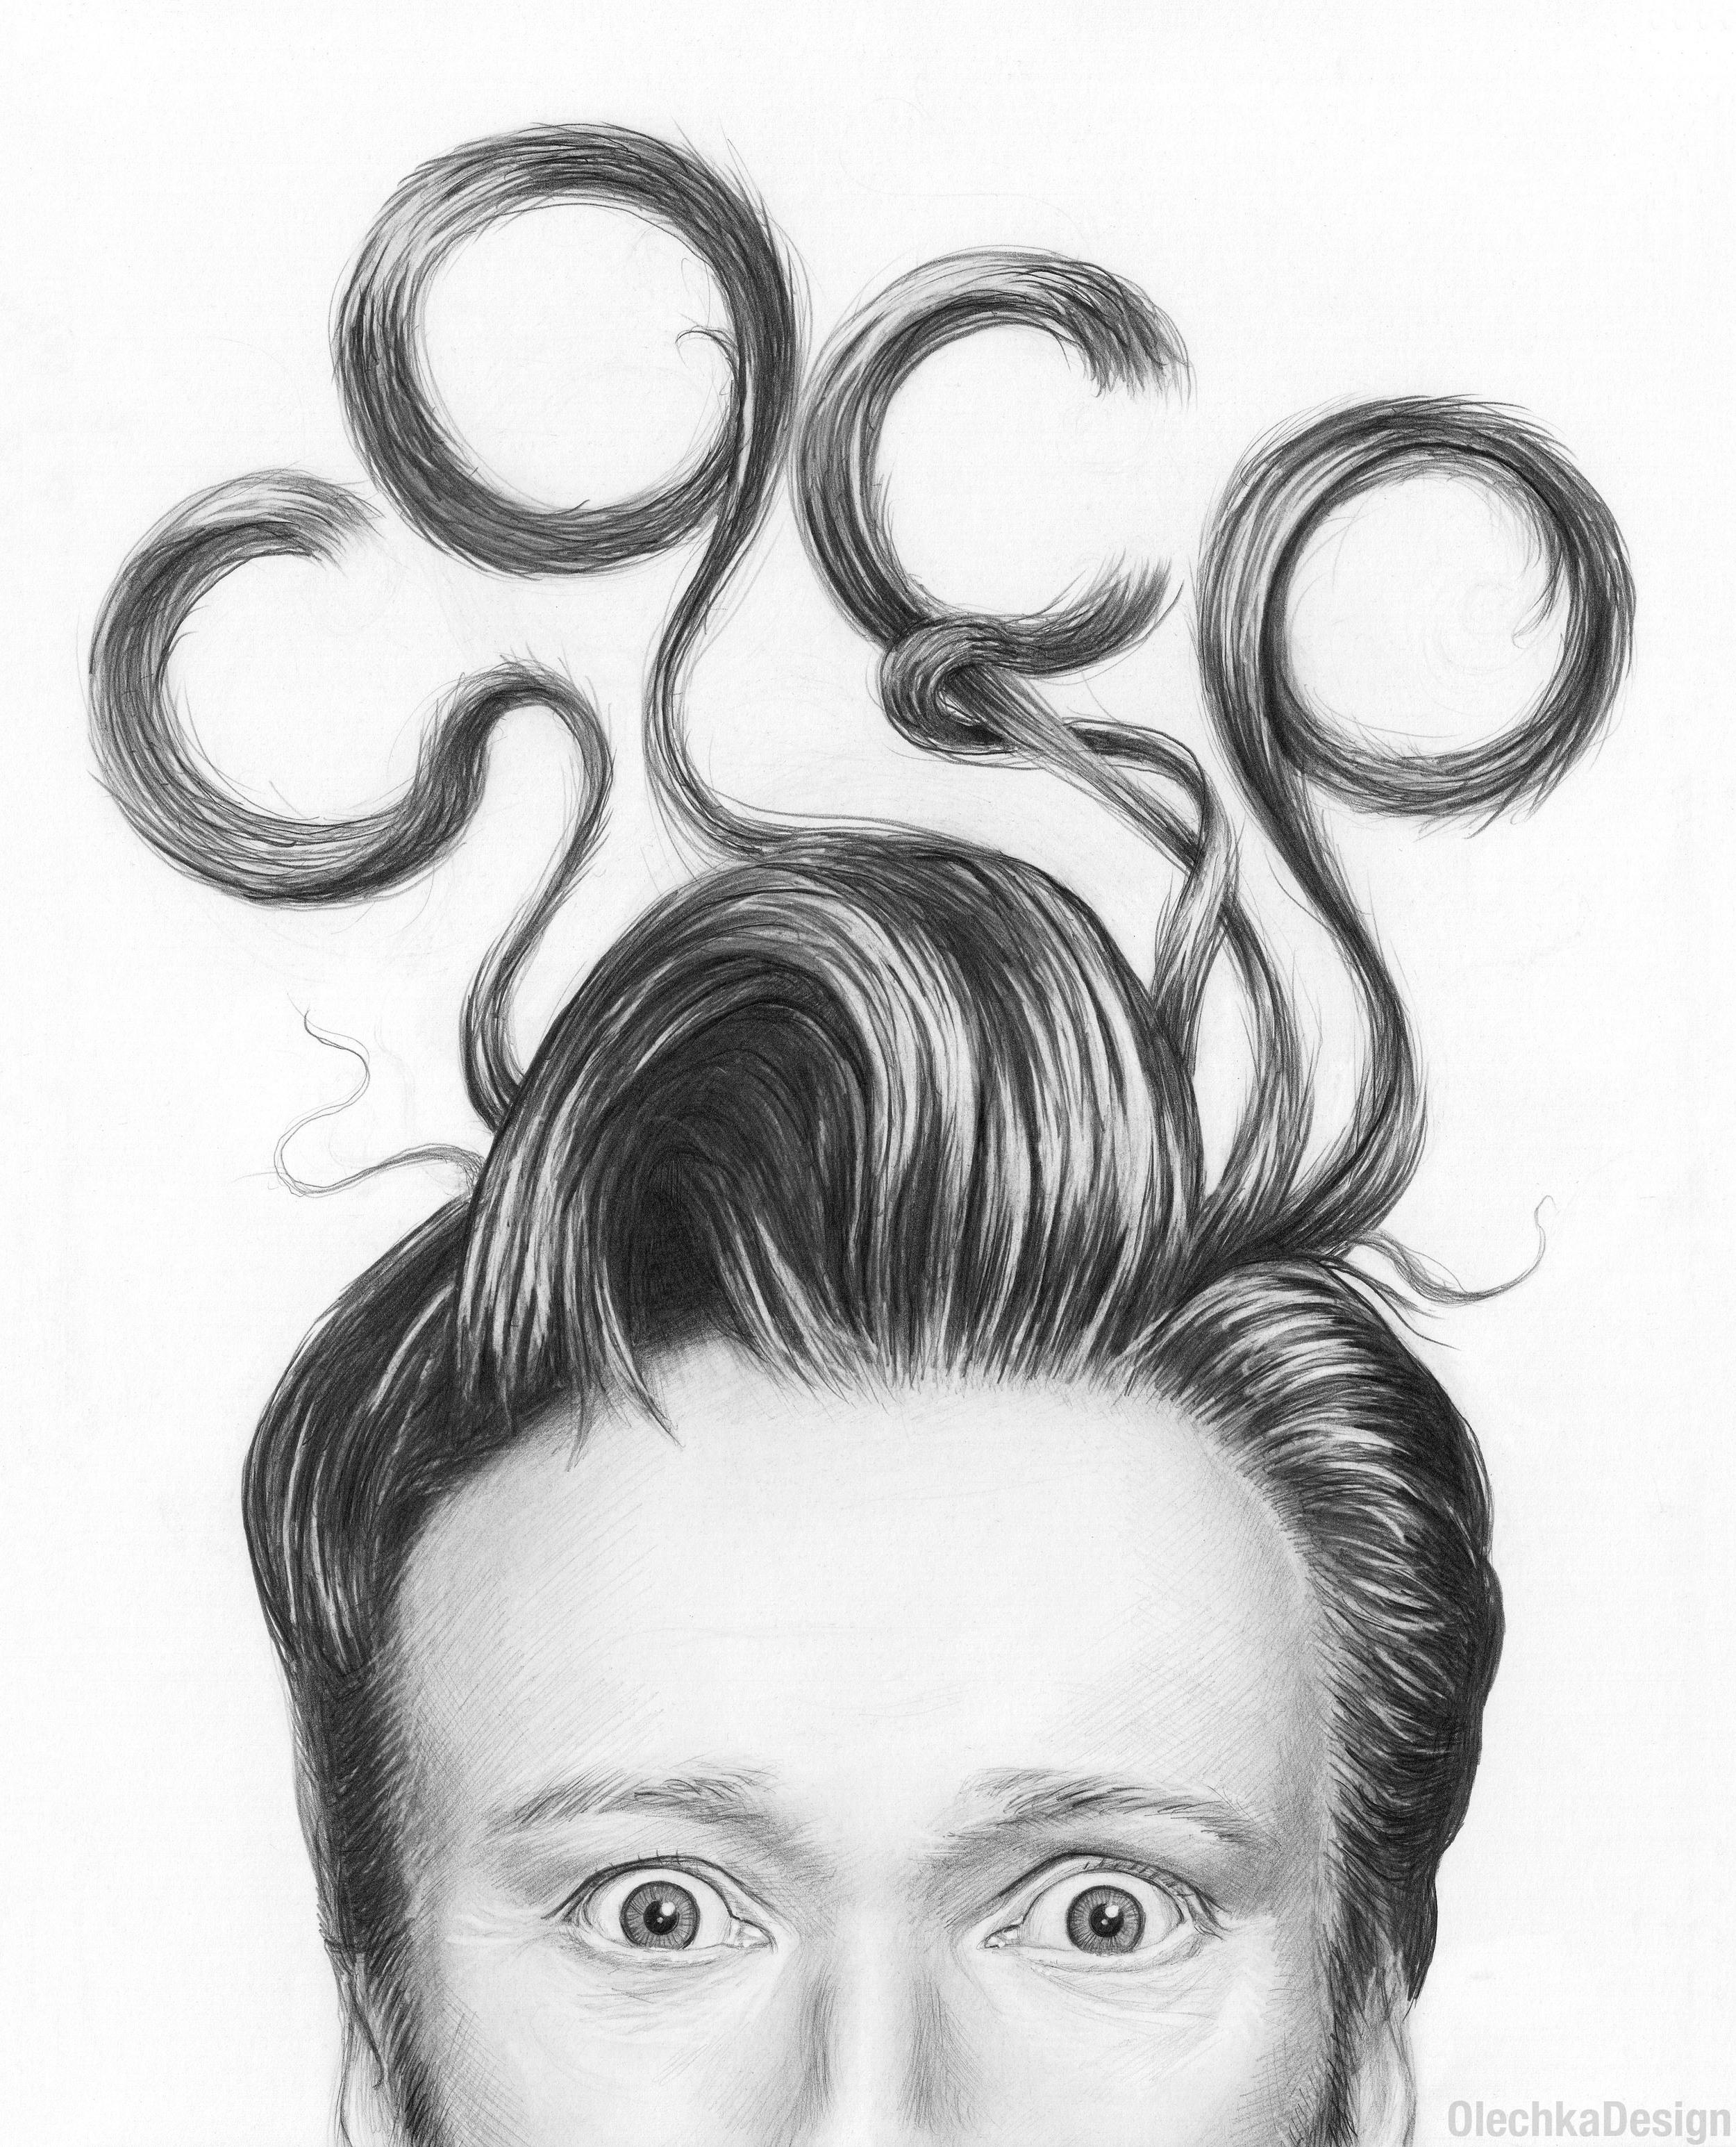 conan_COCO_wild hair.jpg